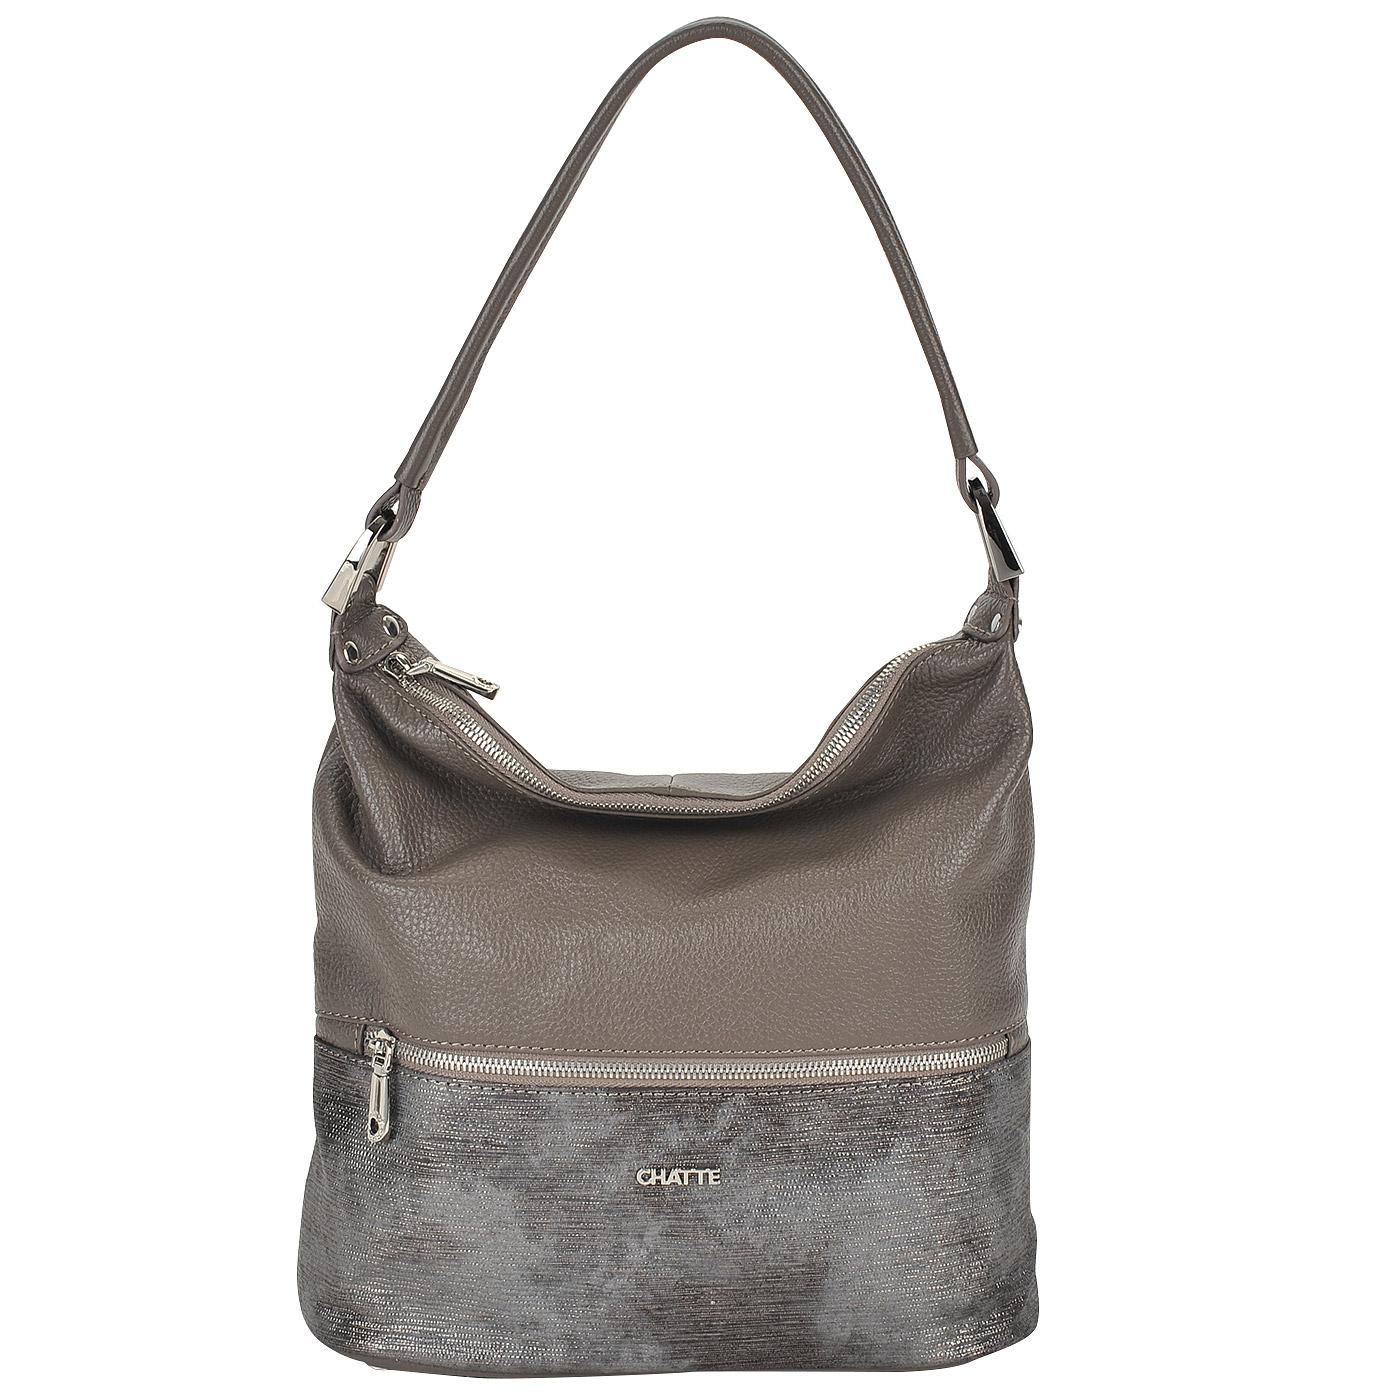 6adf1826daed ... Вместительная женская сумка из натуральной кожи и замши Chatte ...